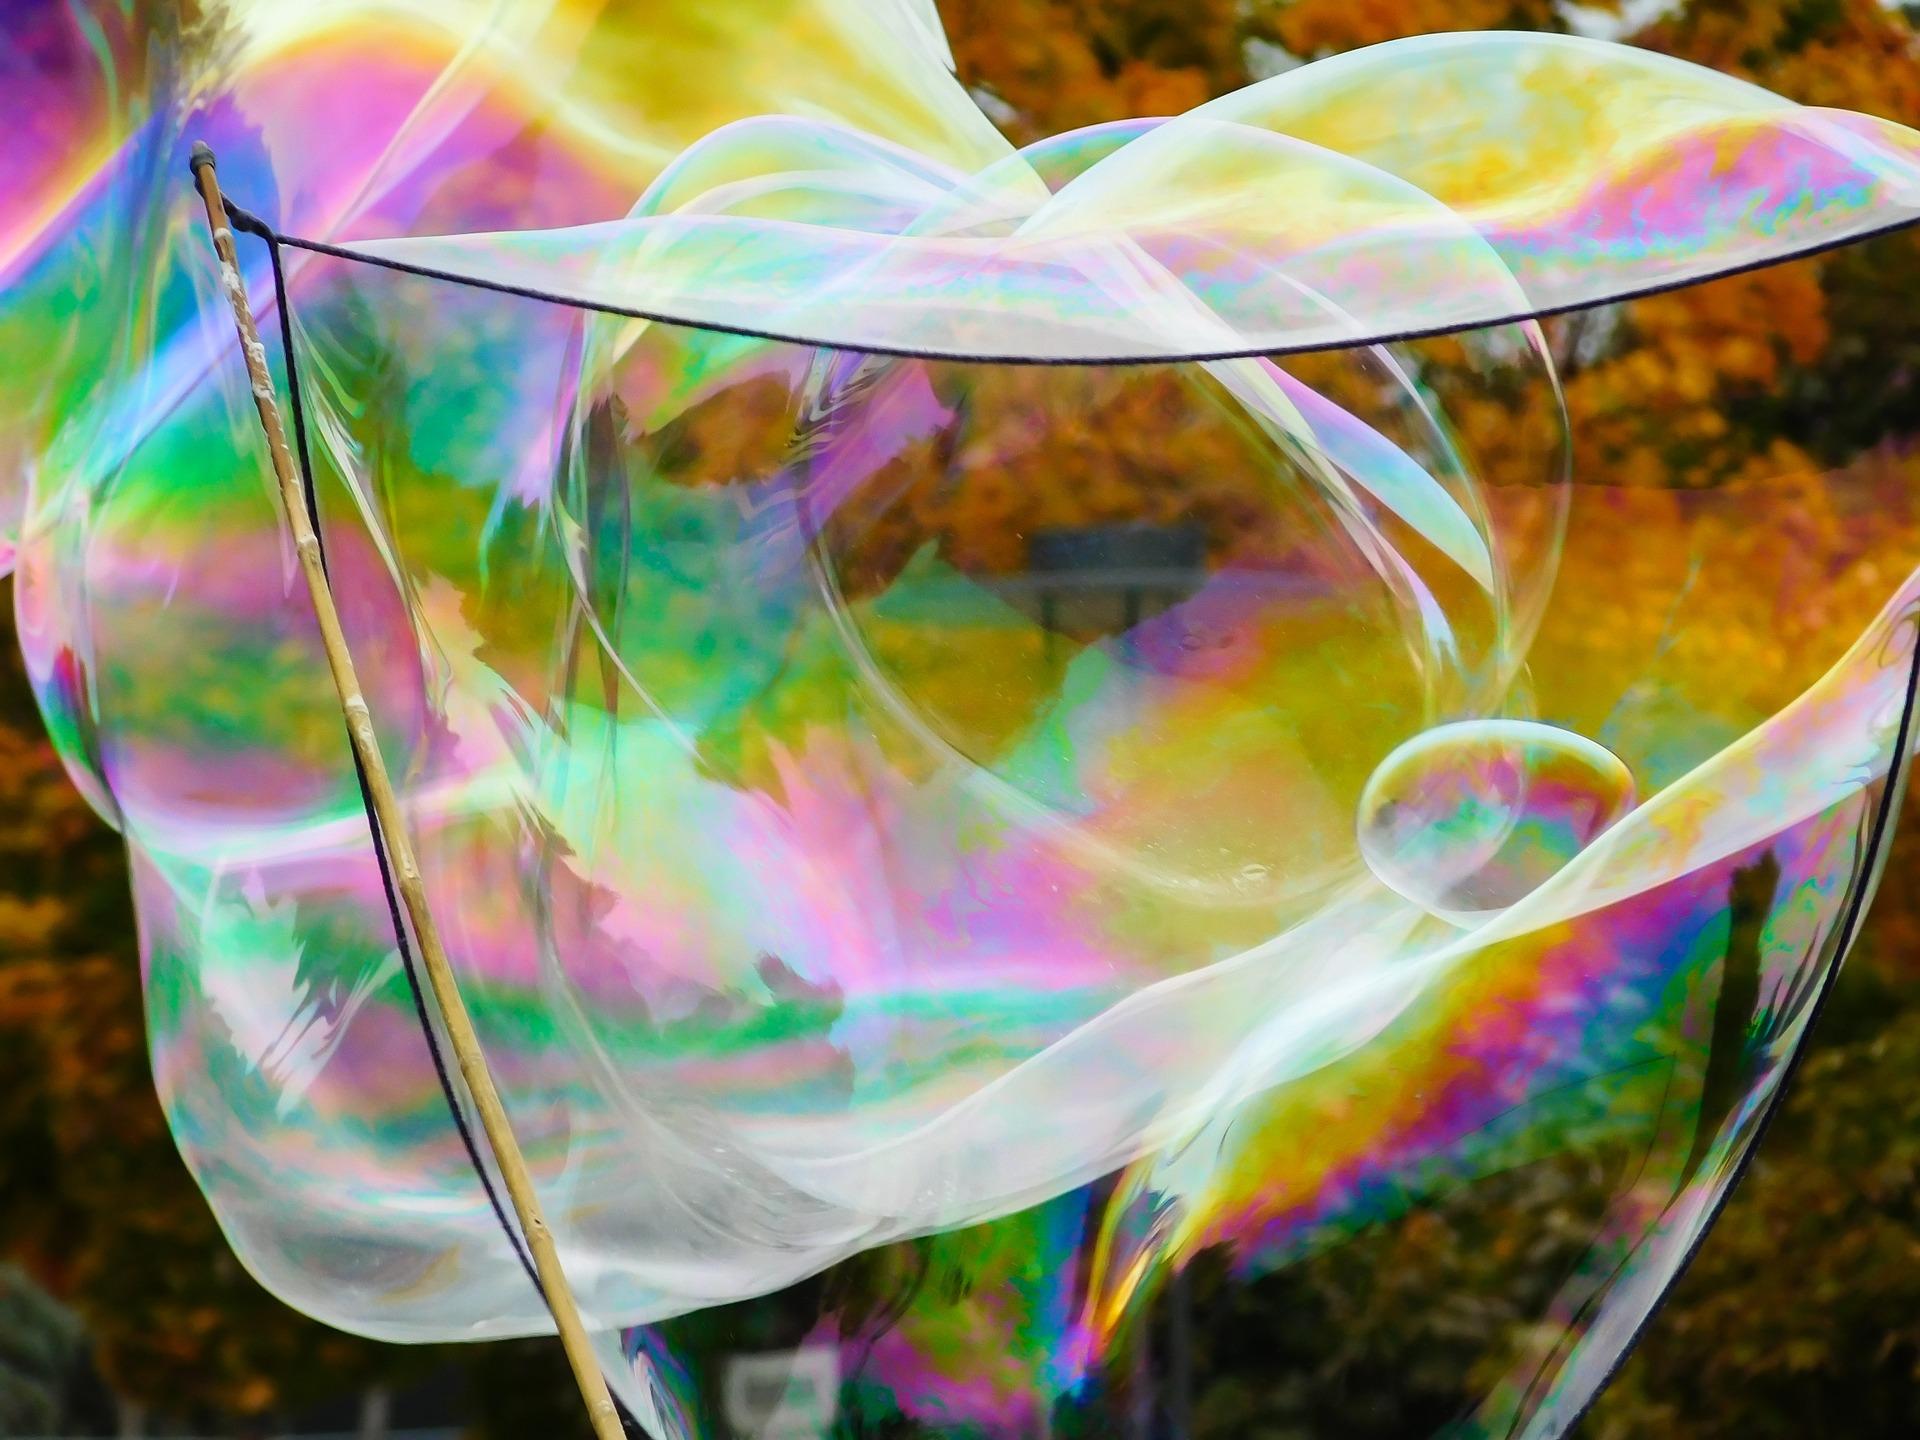 soap-bubble-1046238_1920